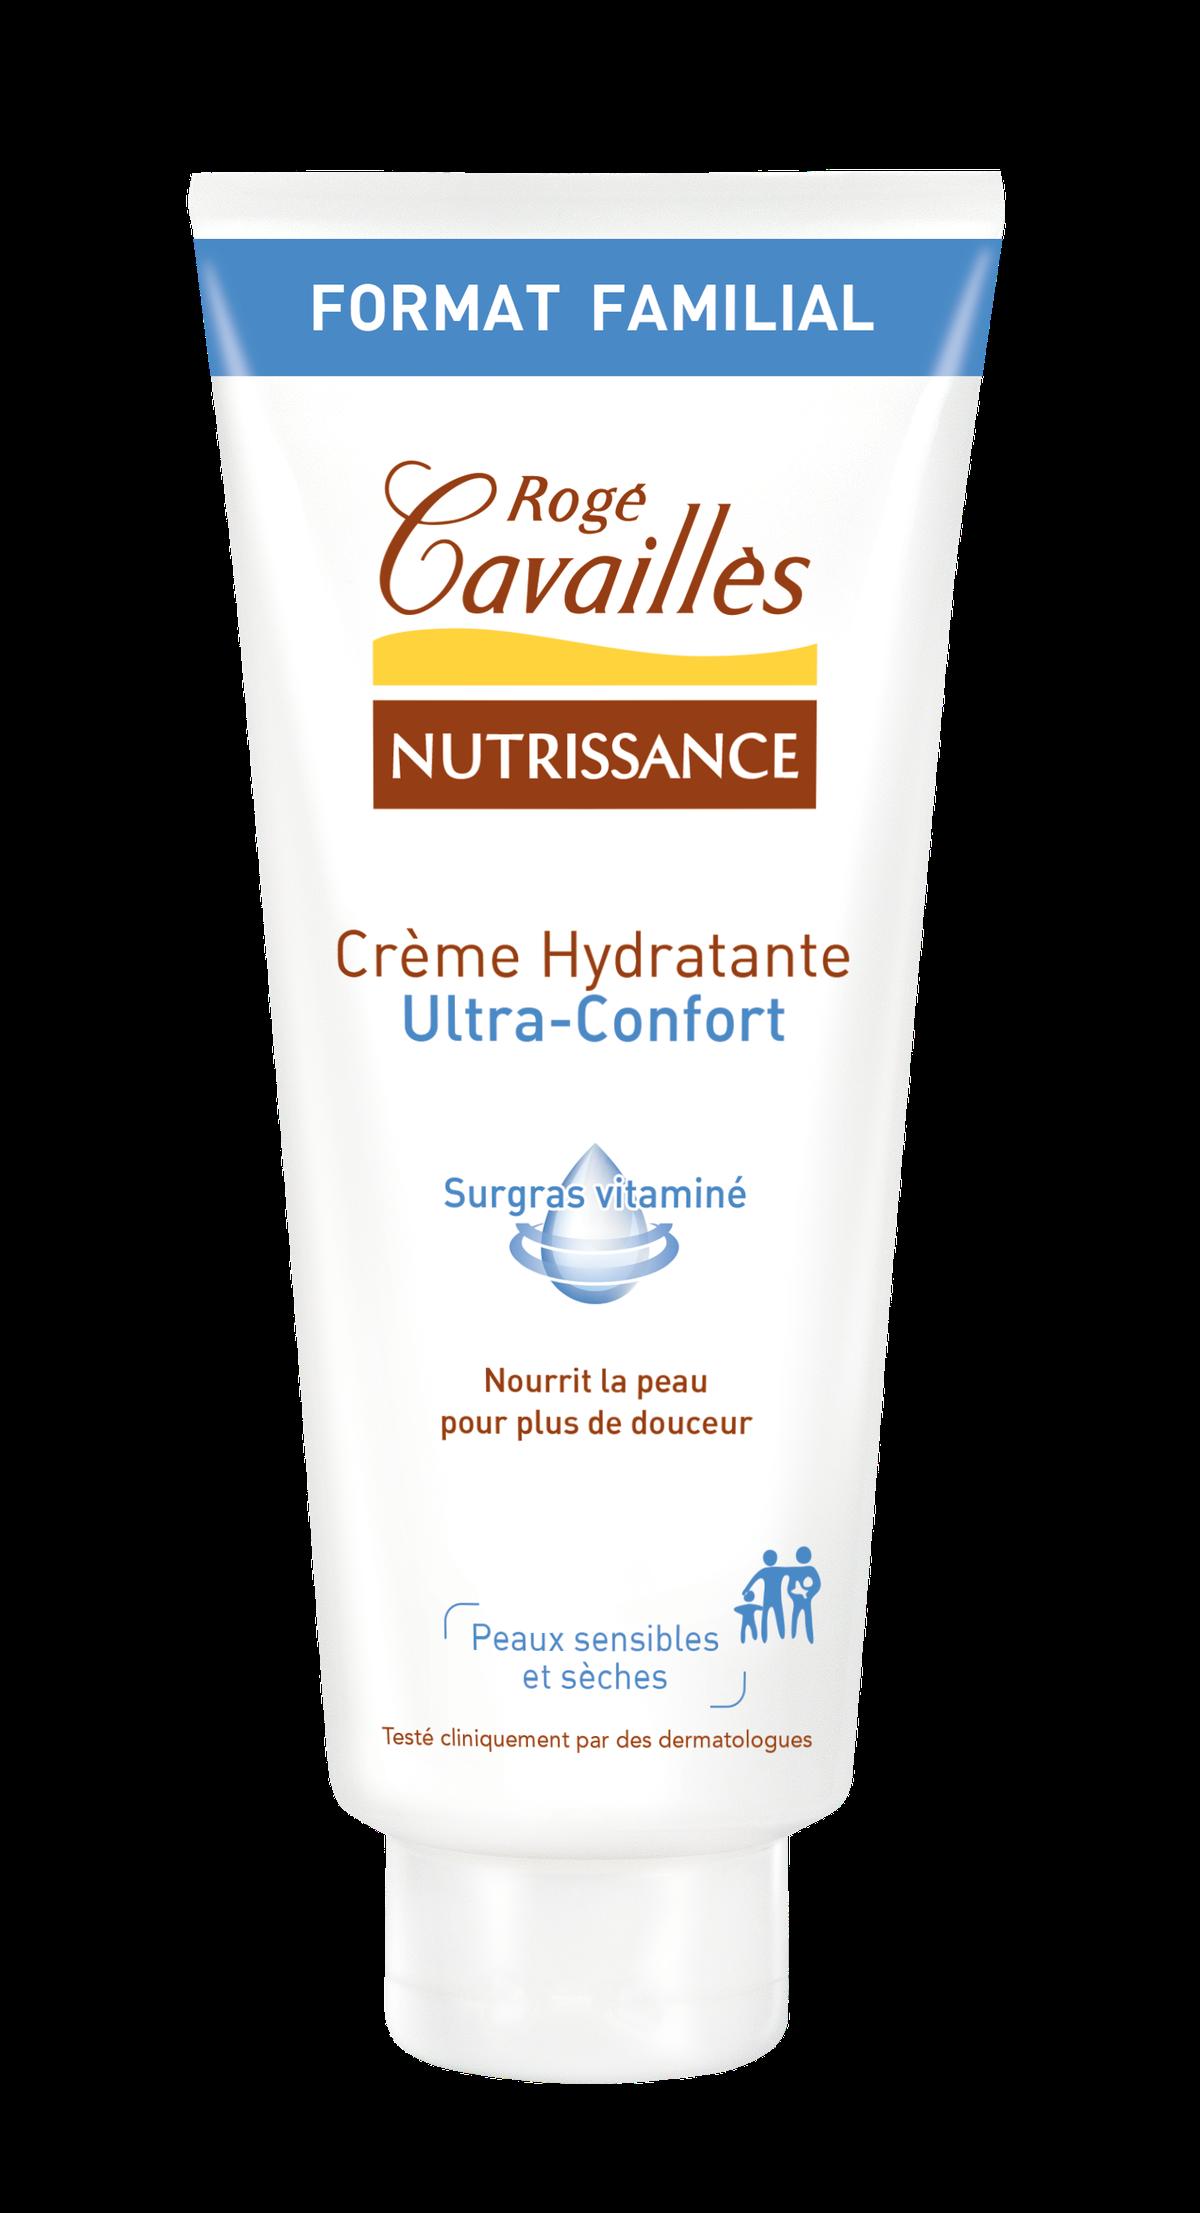 Crème hydratante ultra confort 350ml